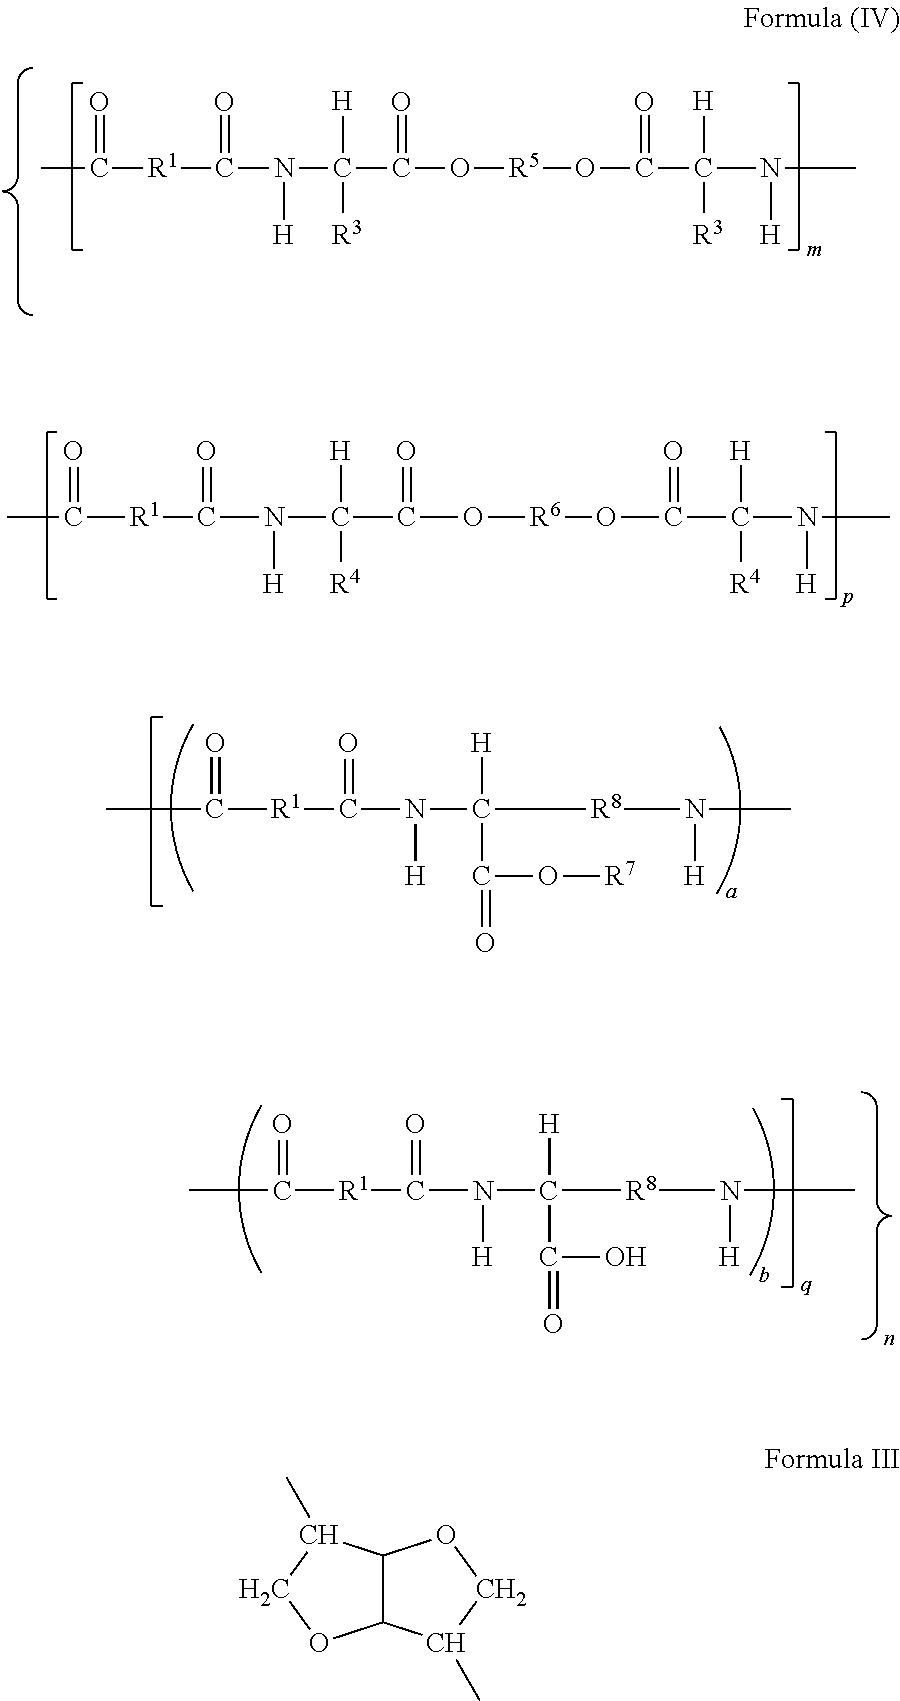 Figure US09963549-20180508-C00001